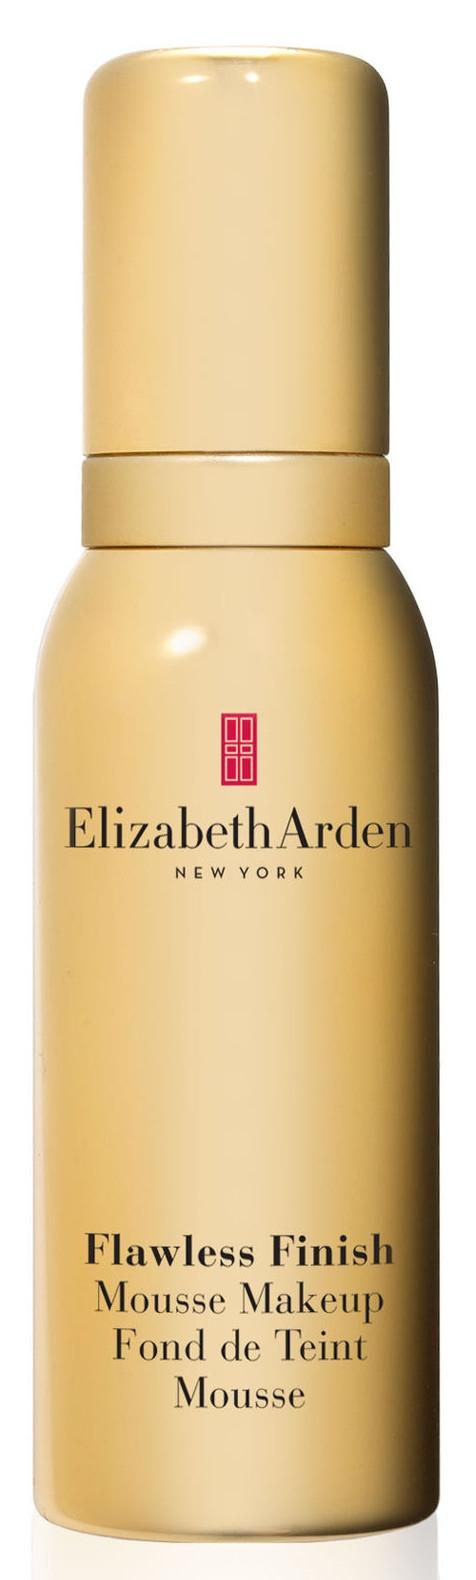 Elizabeth Arden Flawless Finish Mousse Makeup (W) podkład do twarzy Malt 50ml